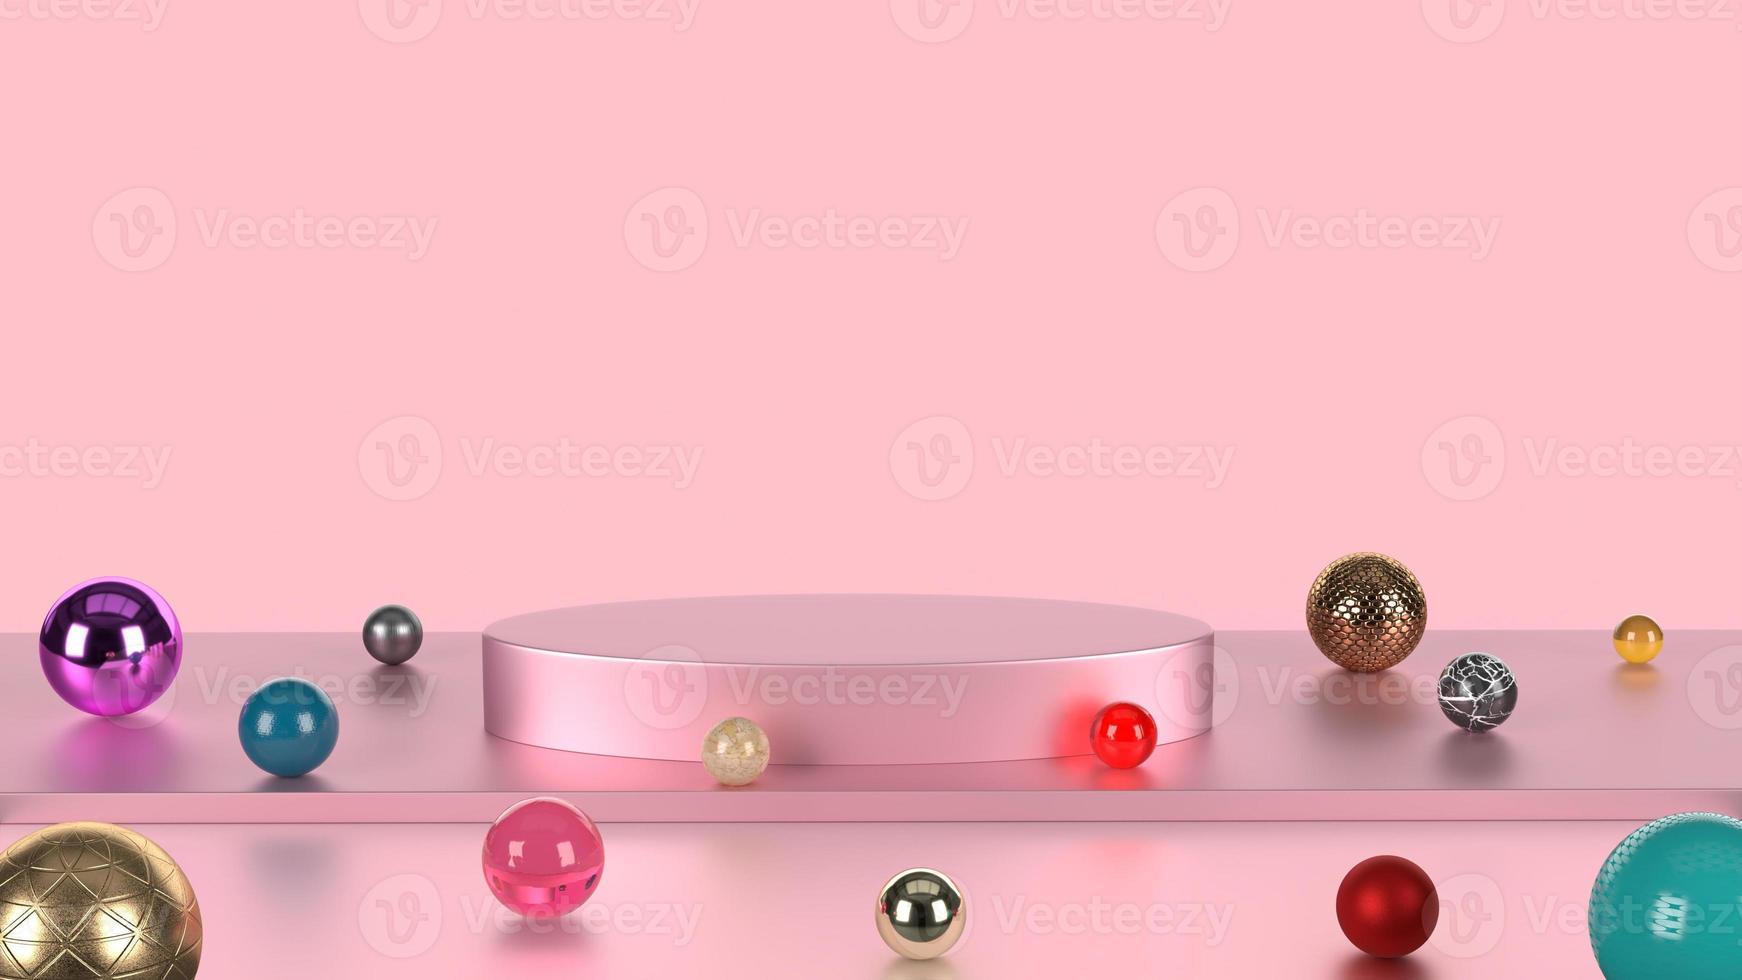 rosa pastellfärgsproduktställ med färgglad marmorbakgrund. abstrakt minimal geometri koncept. studio podium piedestal plattform. utställning företag marknadsföring nuvarande skede. 3d illustration render foto